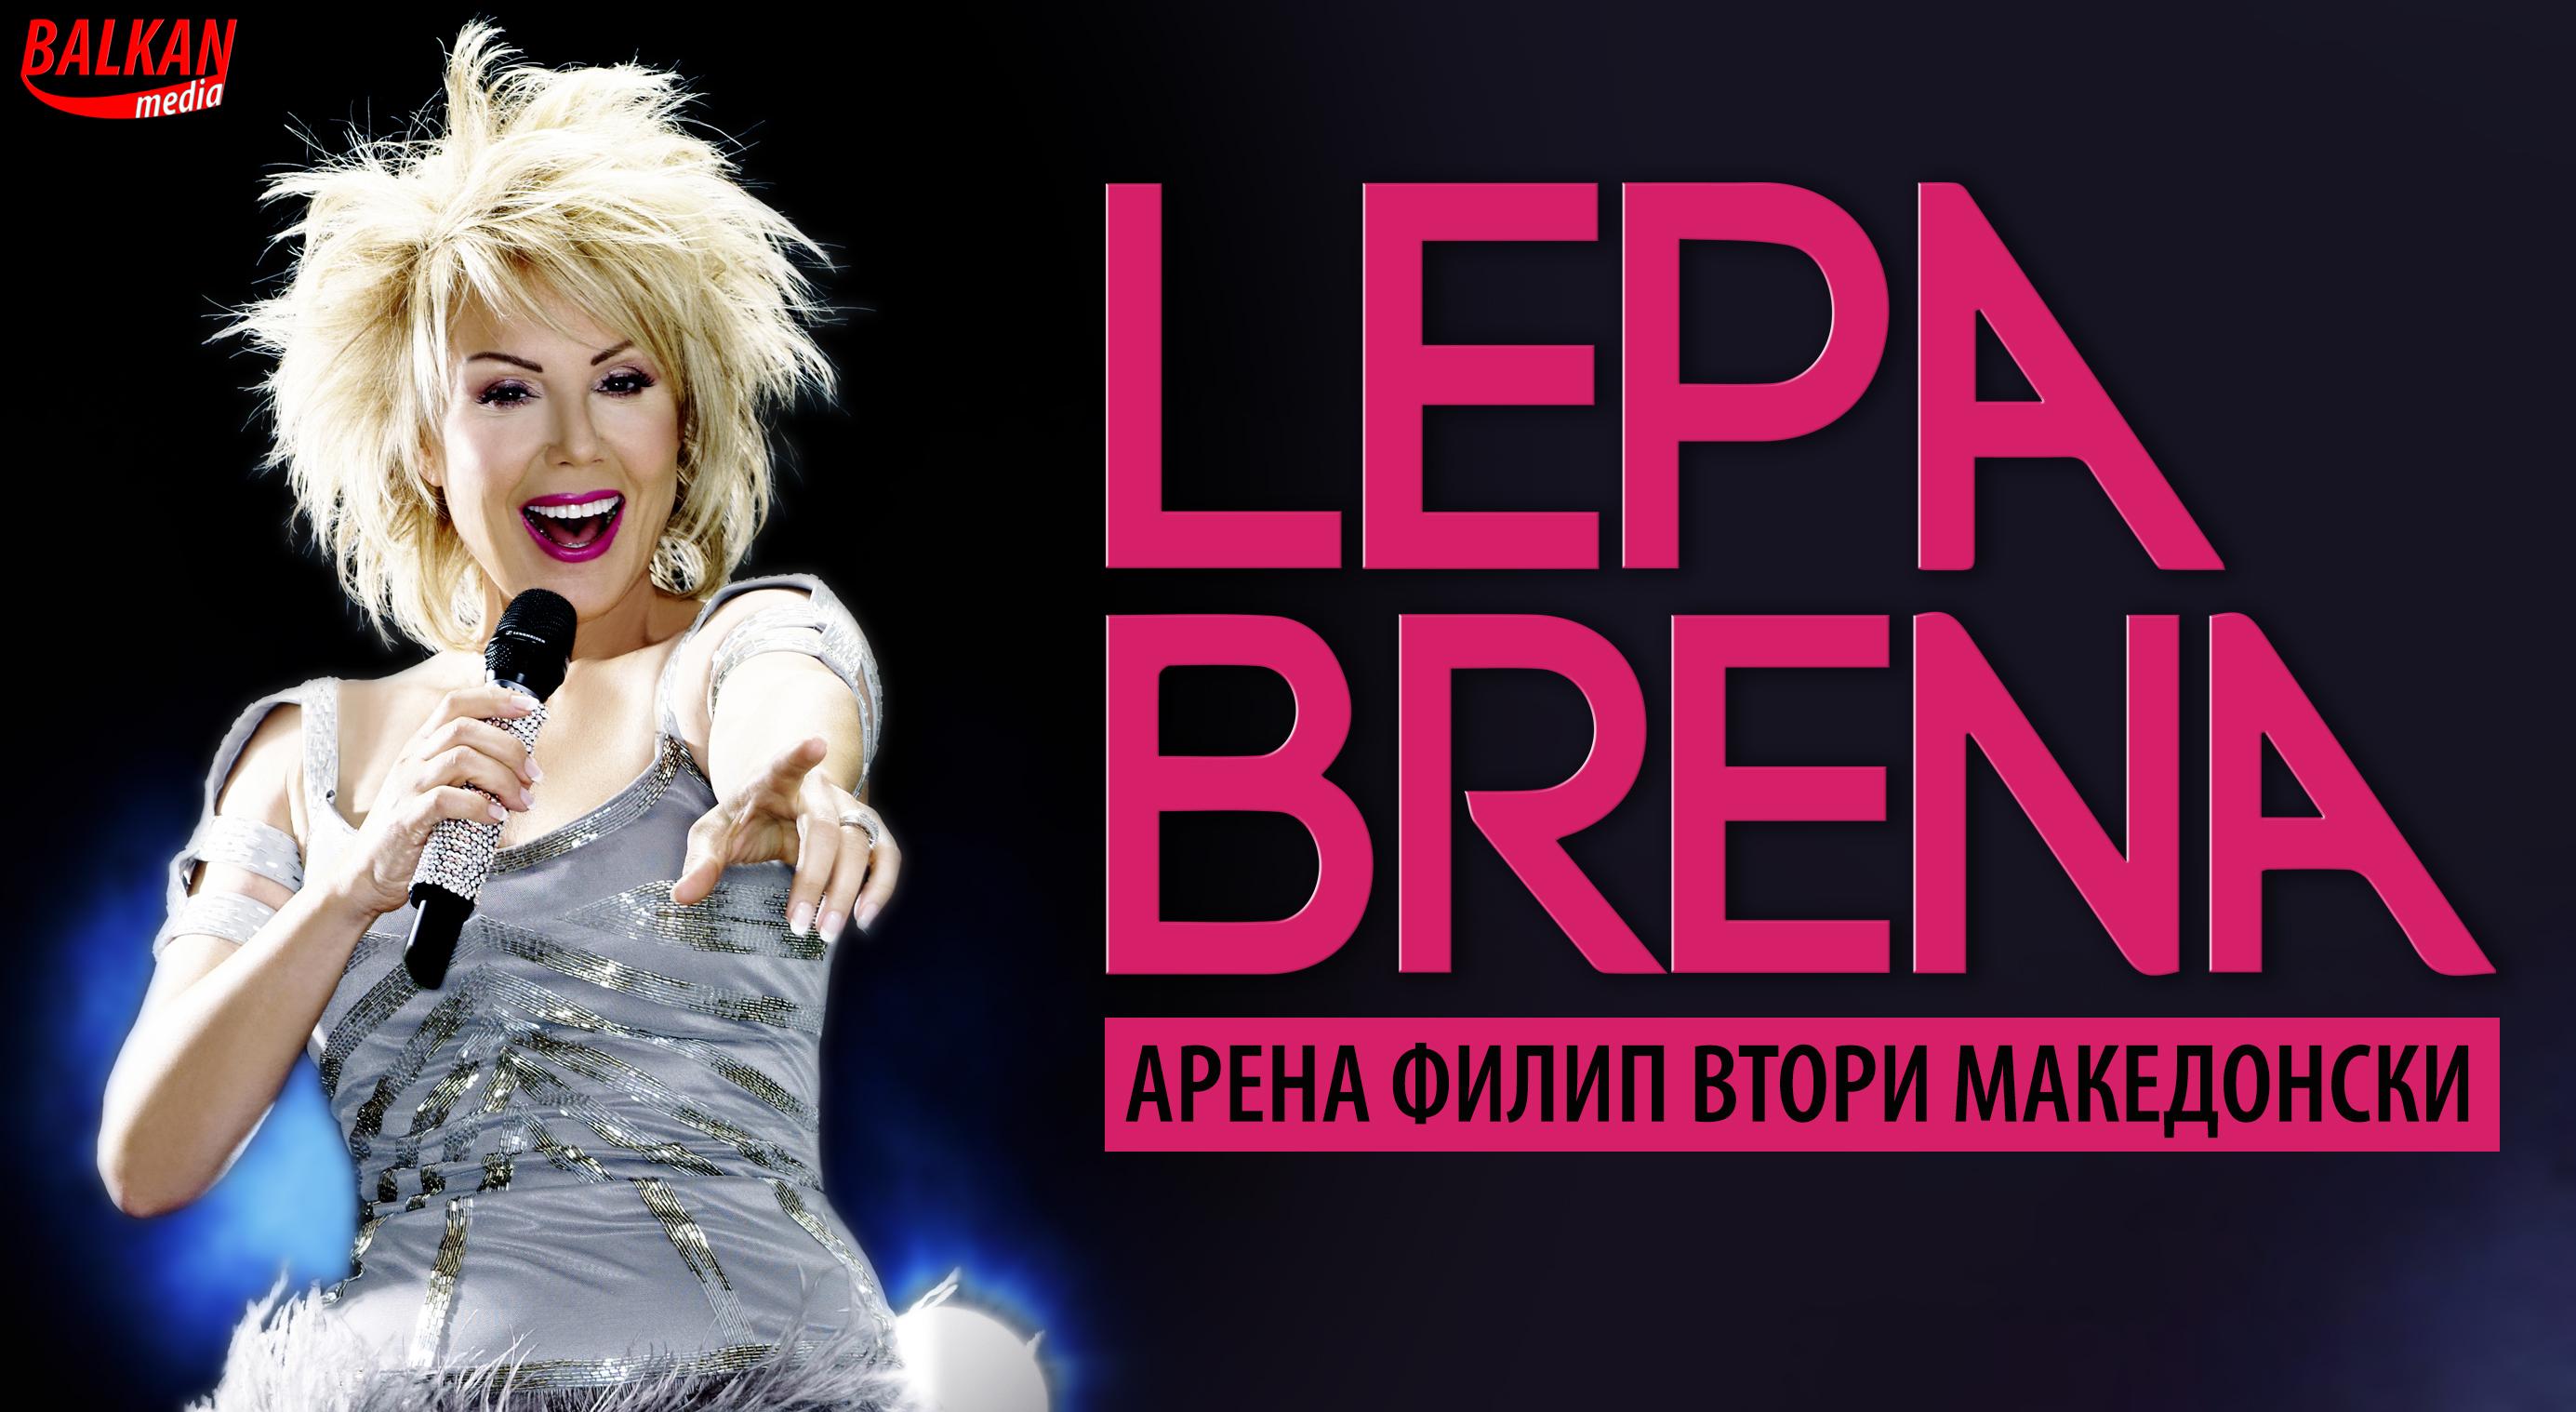 """Одложен концертот на Лепа Брена: """"Жалам што летово нема да се дружам со фановите од Македонија!"""""""